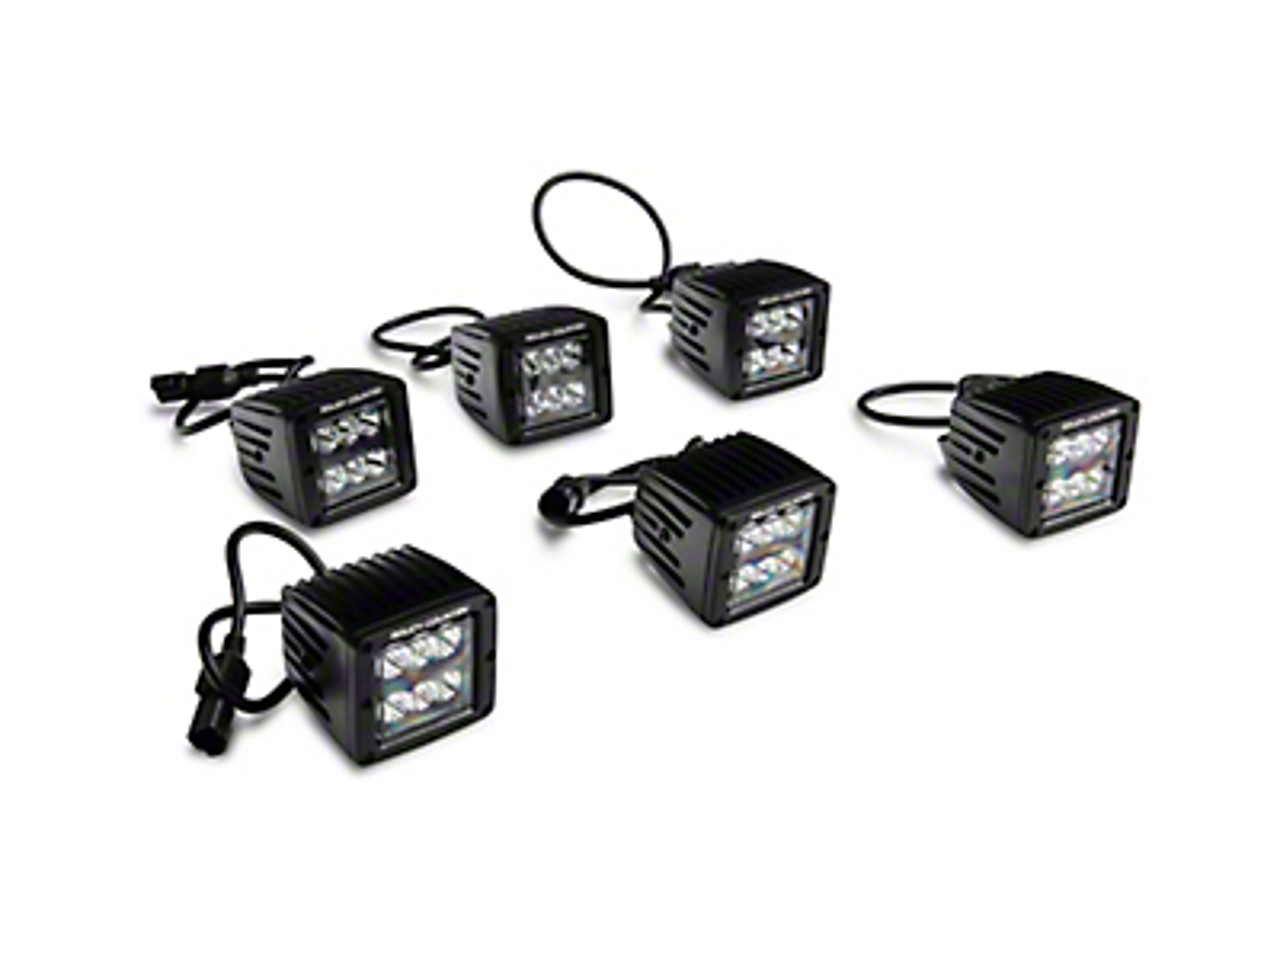 Rough Country Triple LED Fog Light Kit (17-19 F-150 Raptor)